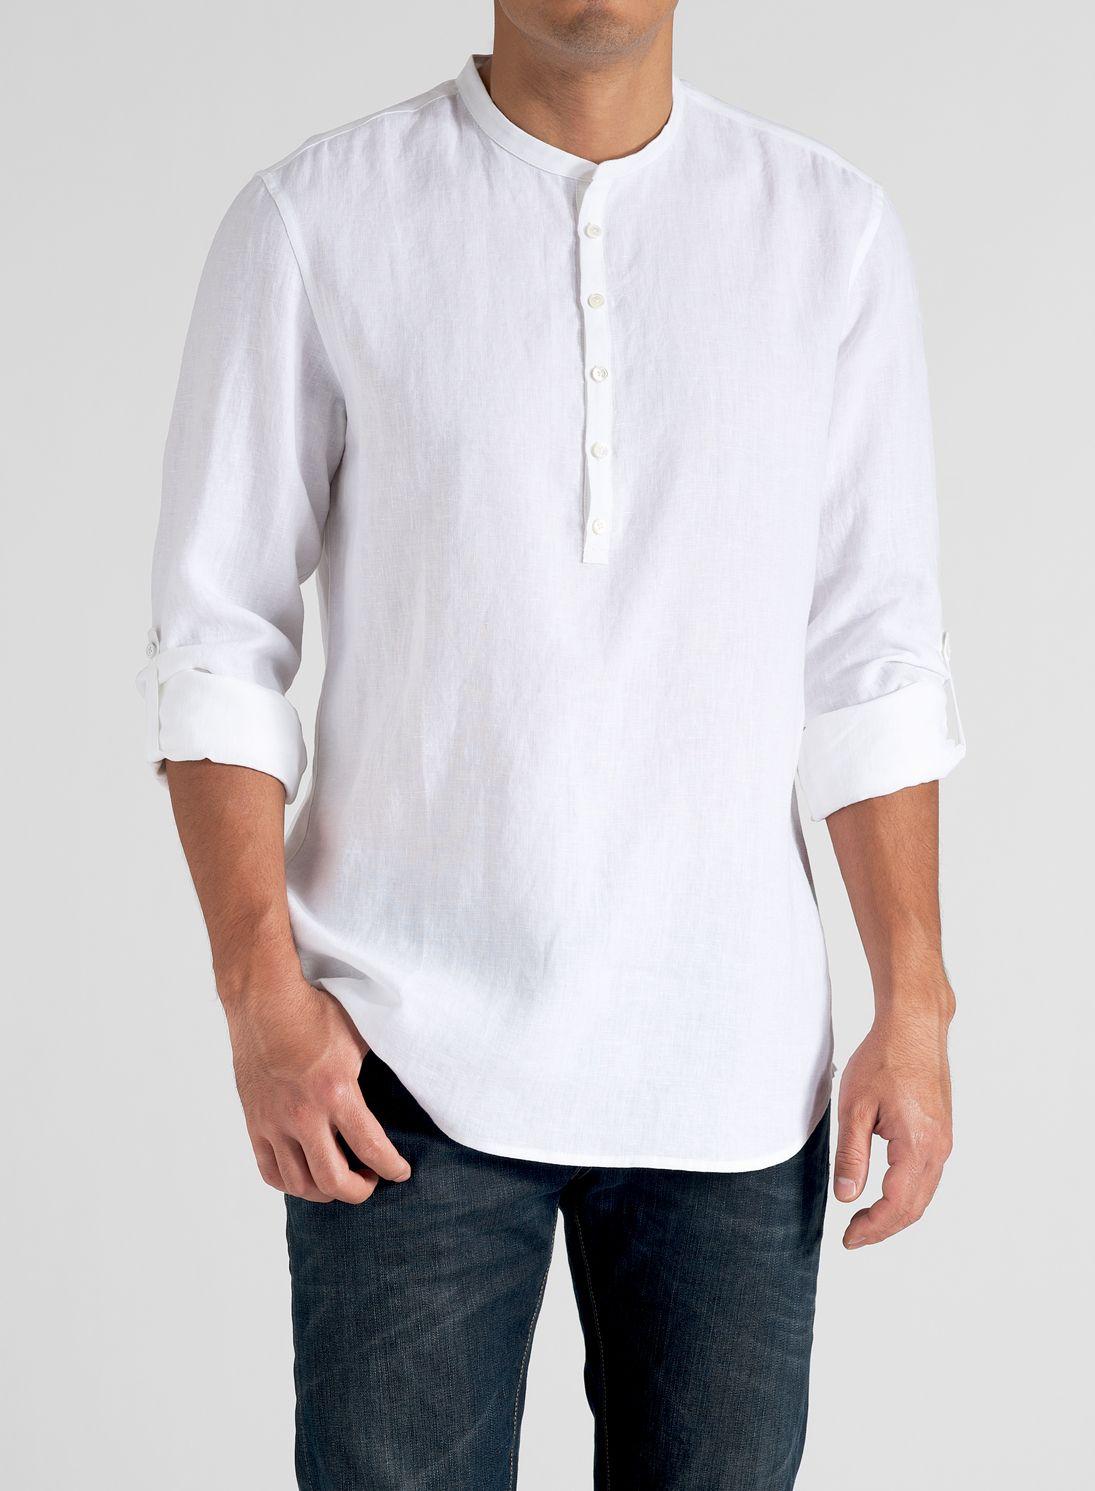 Linen Men Roll Up Sleeve Shirt White Shirt Men Banded